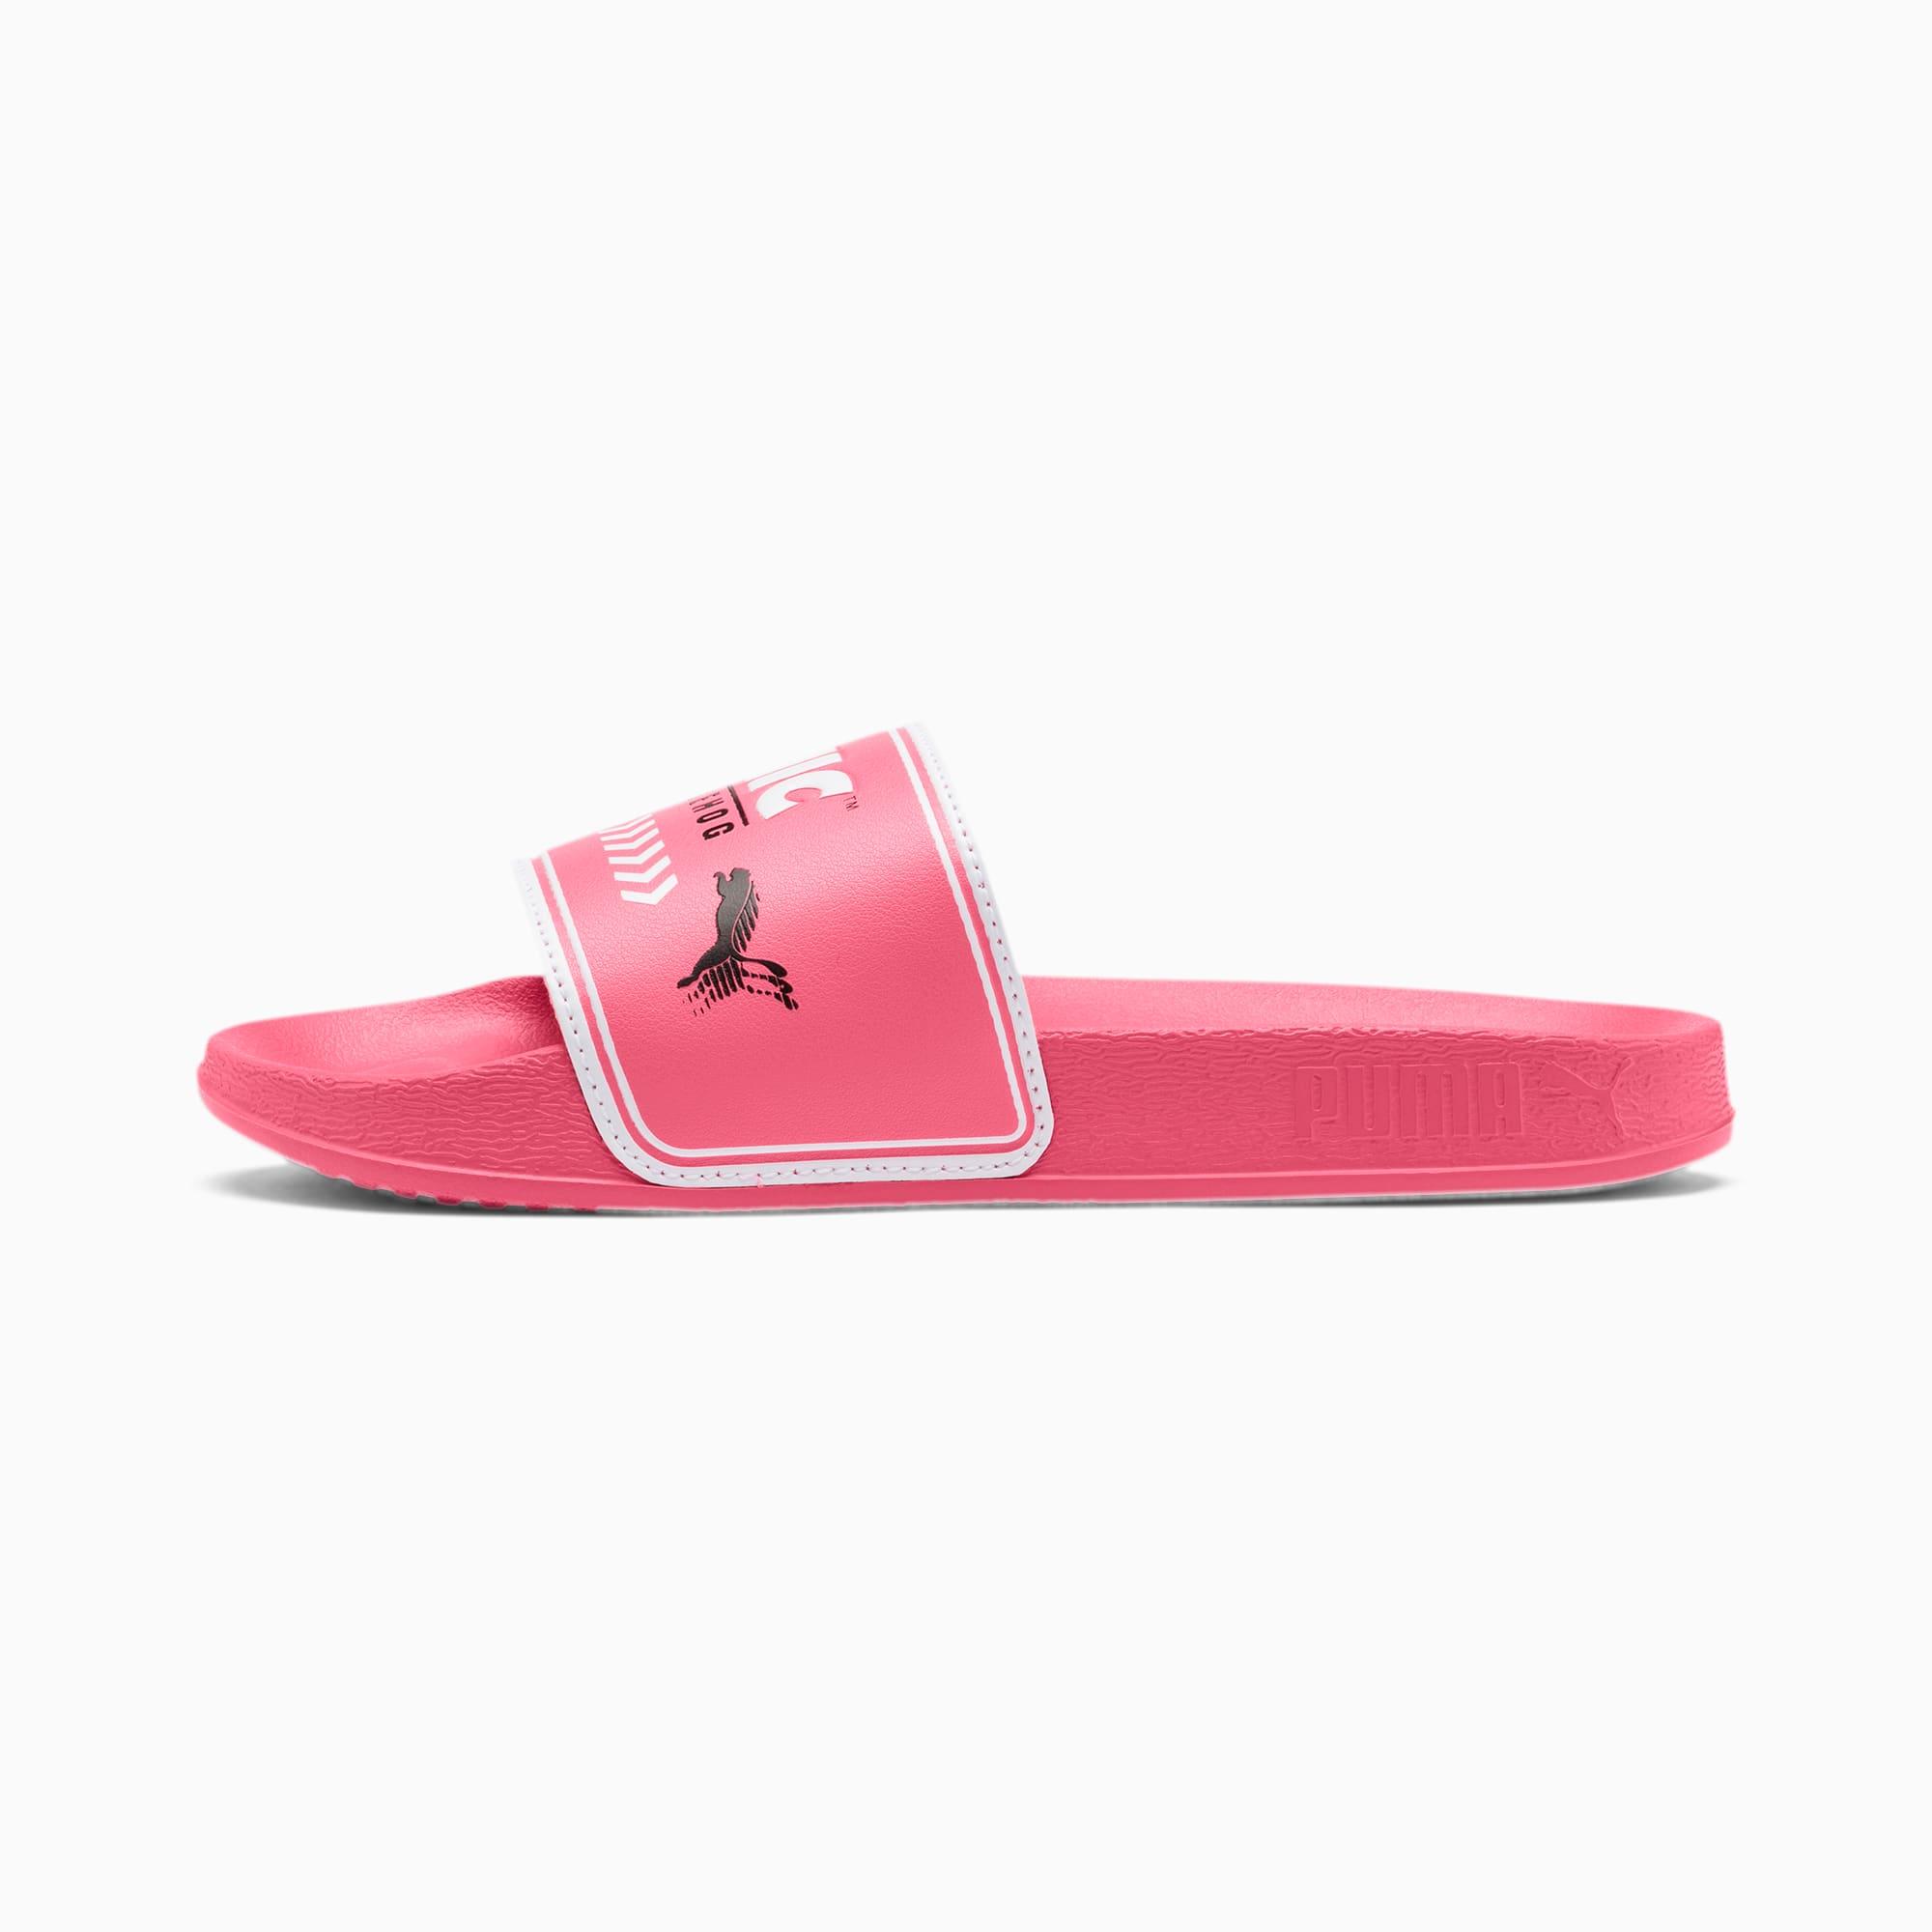 PUMA Sandale PUMA x SONIC Leadcat pour enfant, Blanc, Taille 28, Chaussures